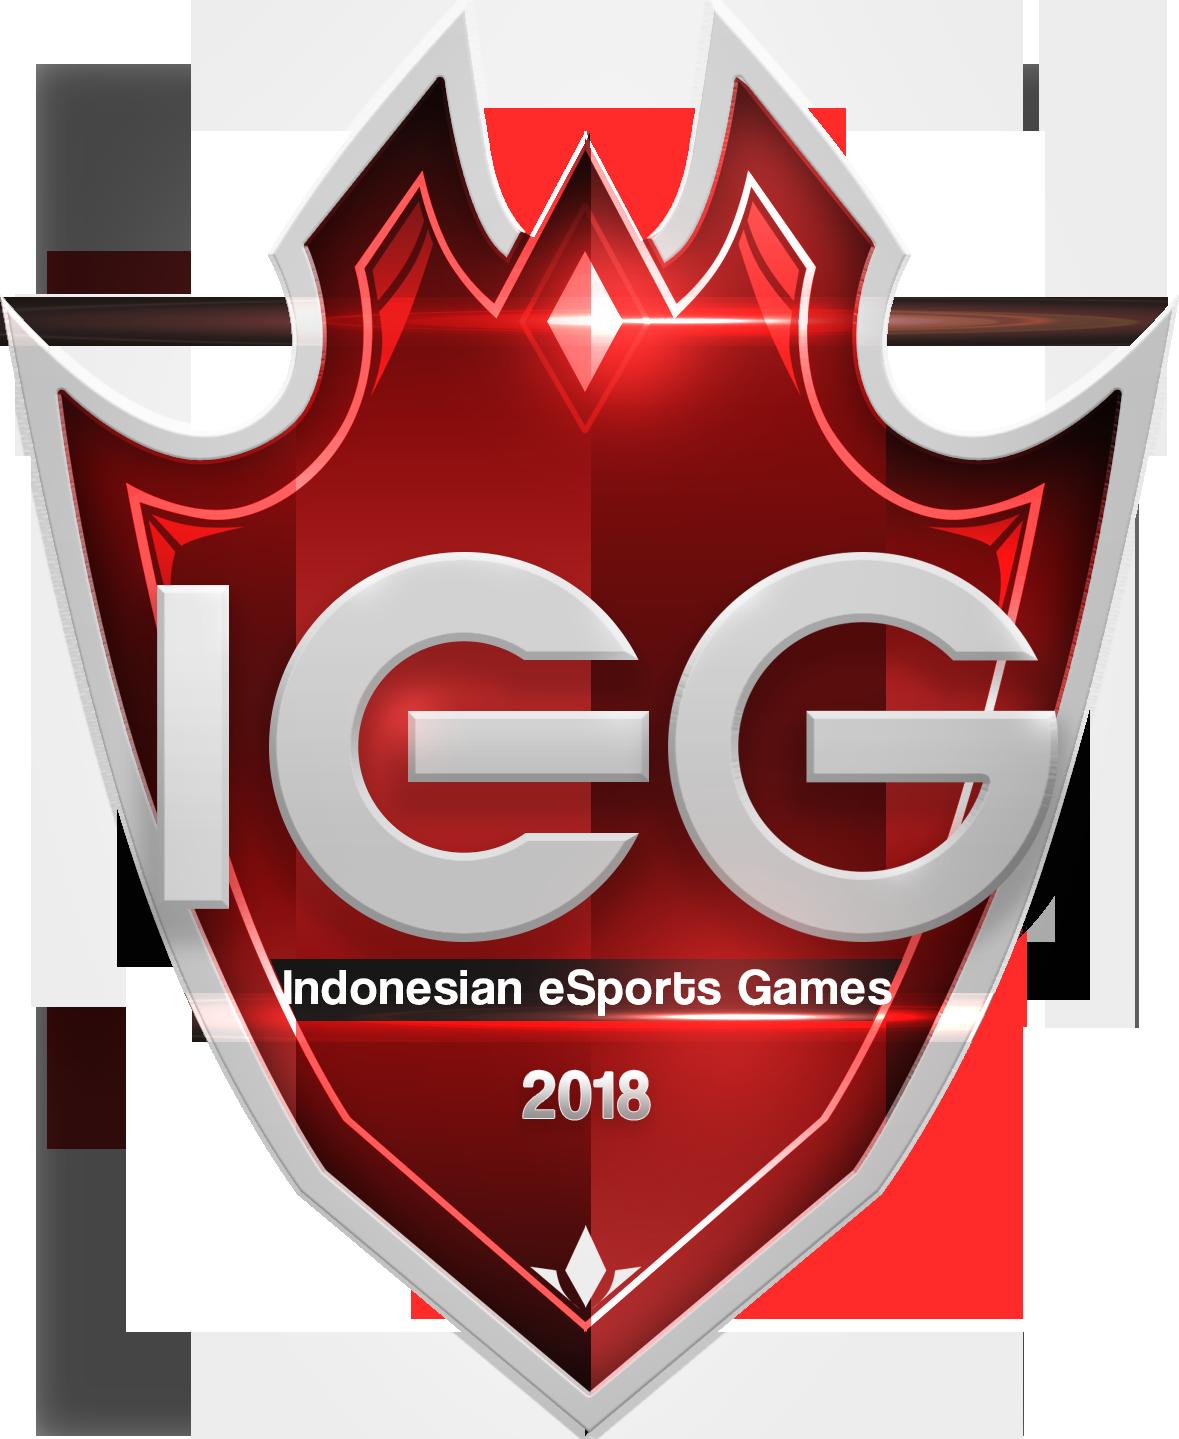 Indonesia Esports Games 2018